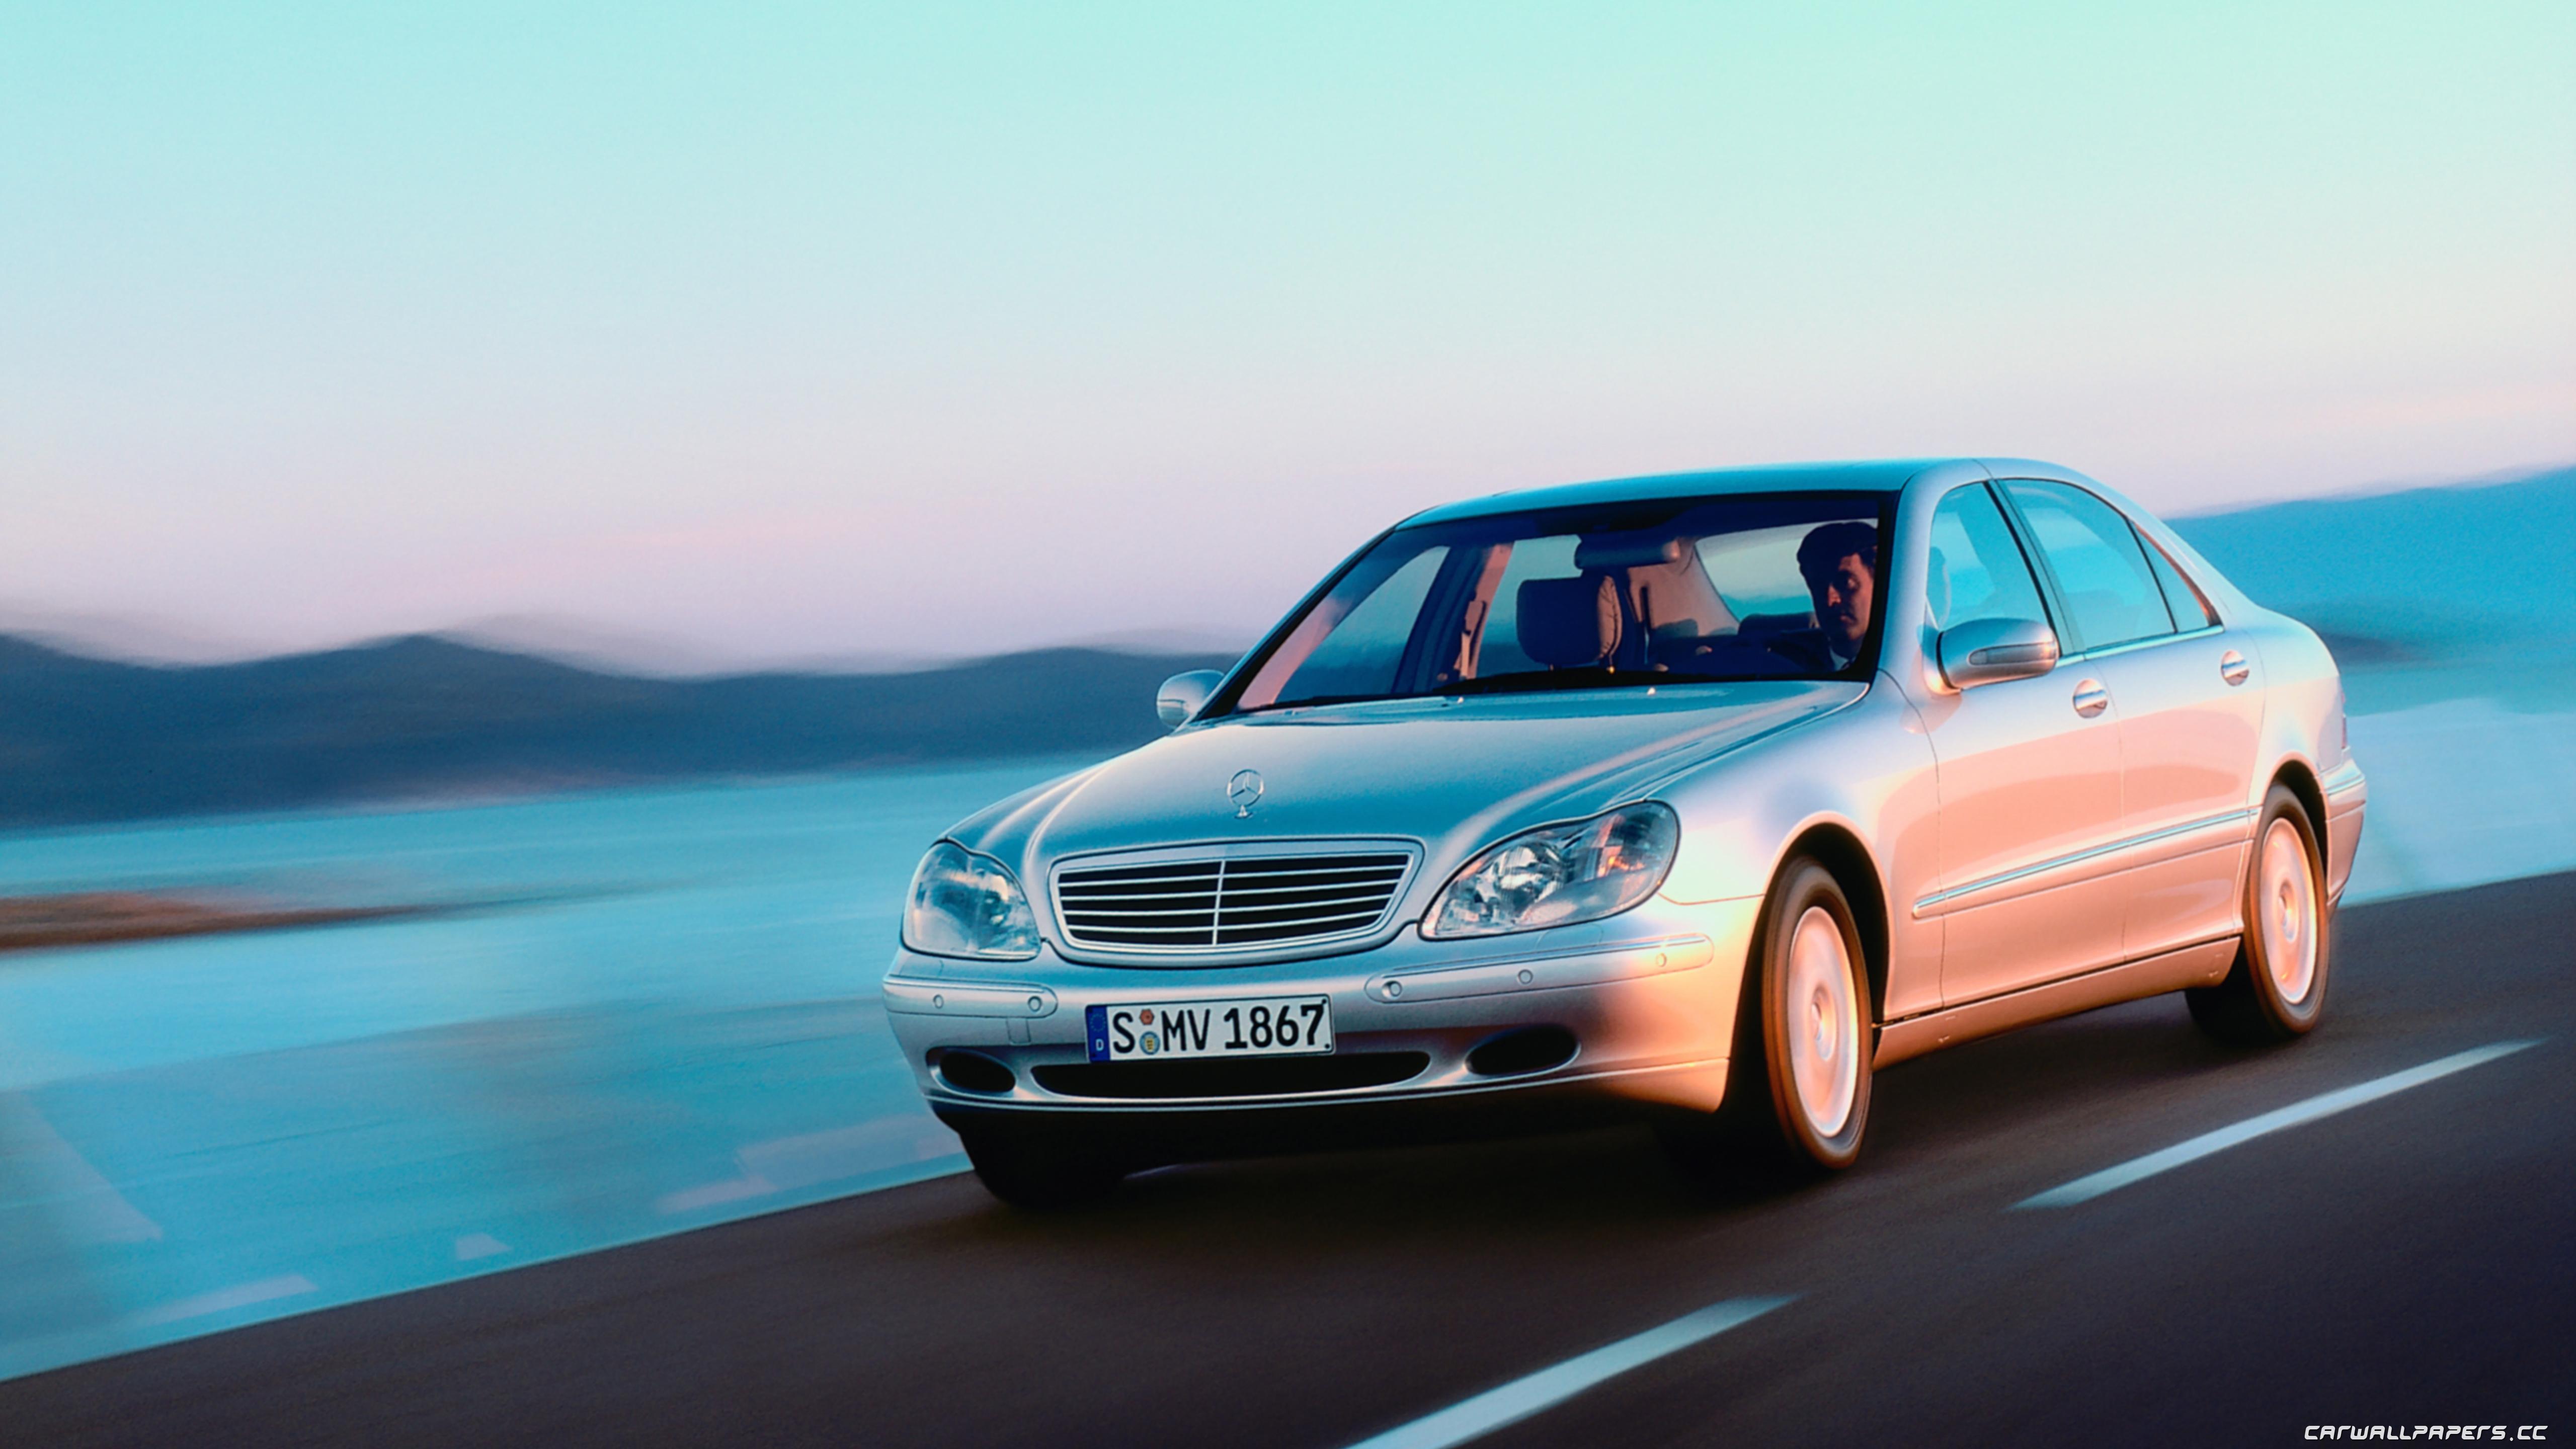 Cars desktop wallpapers Mercedes-Benz S500 L W220 - 1998